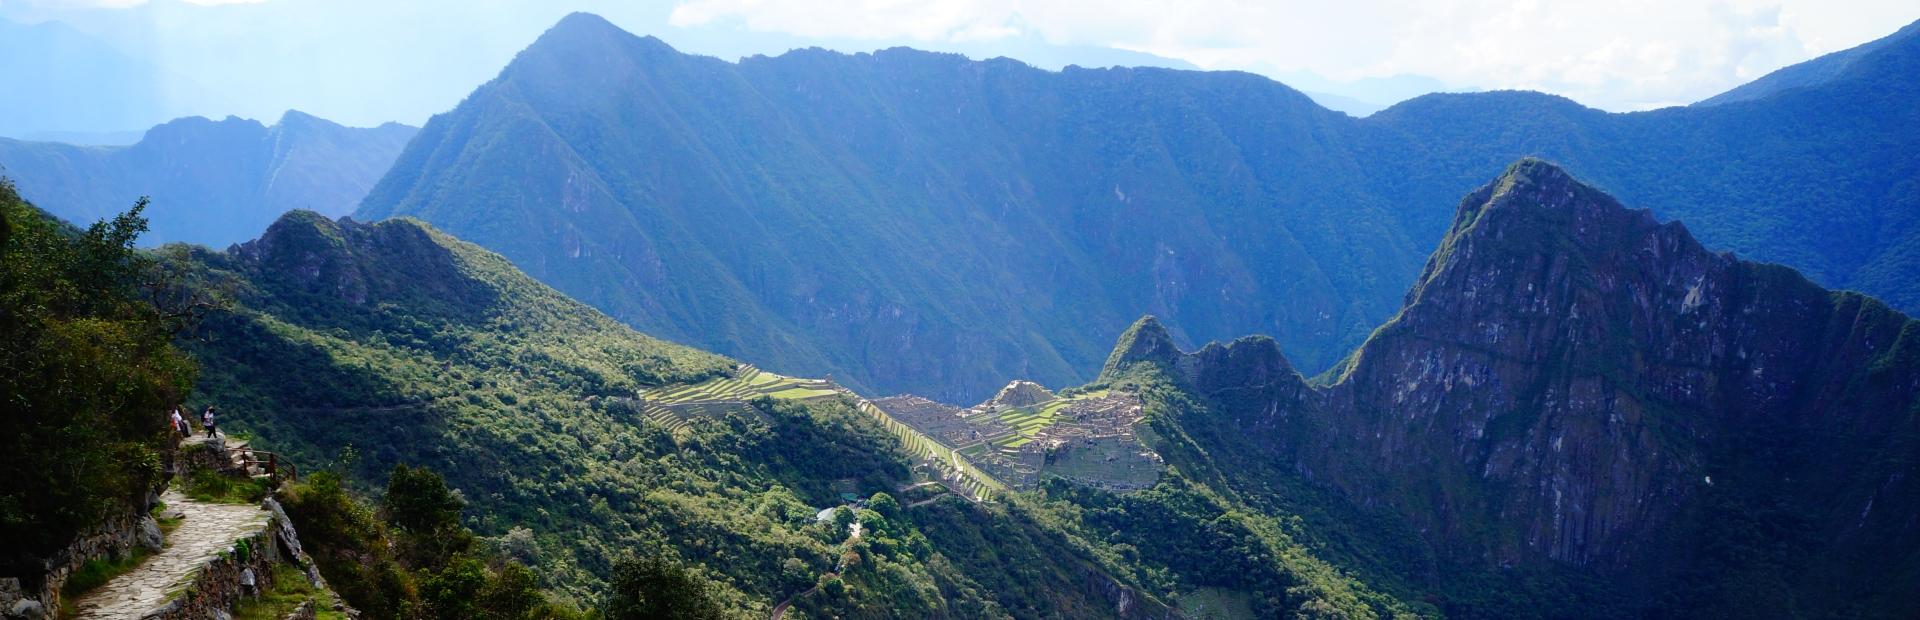 Machu Pichcu